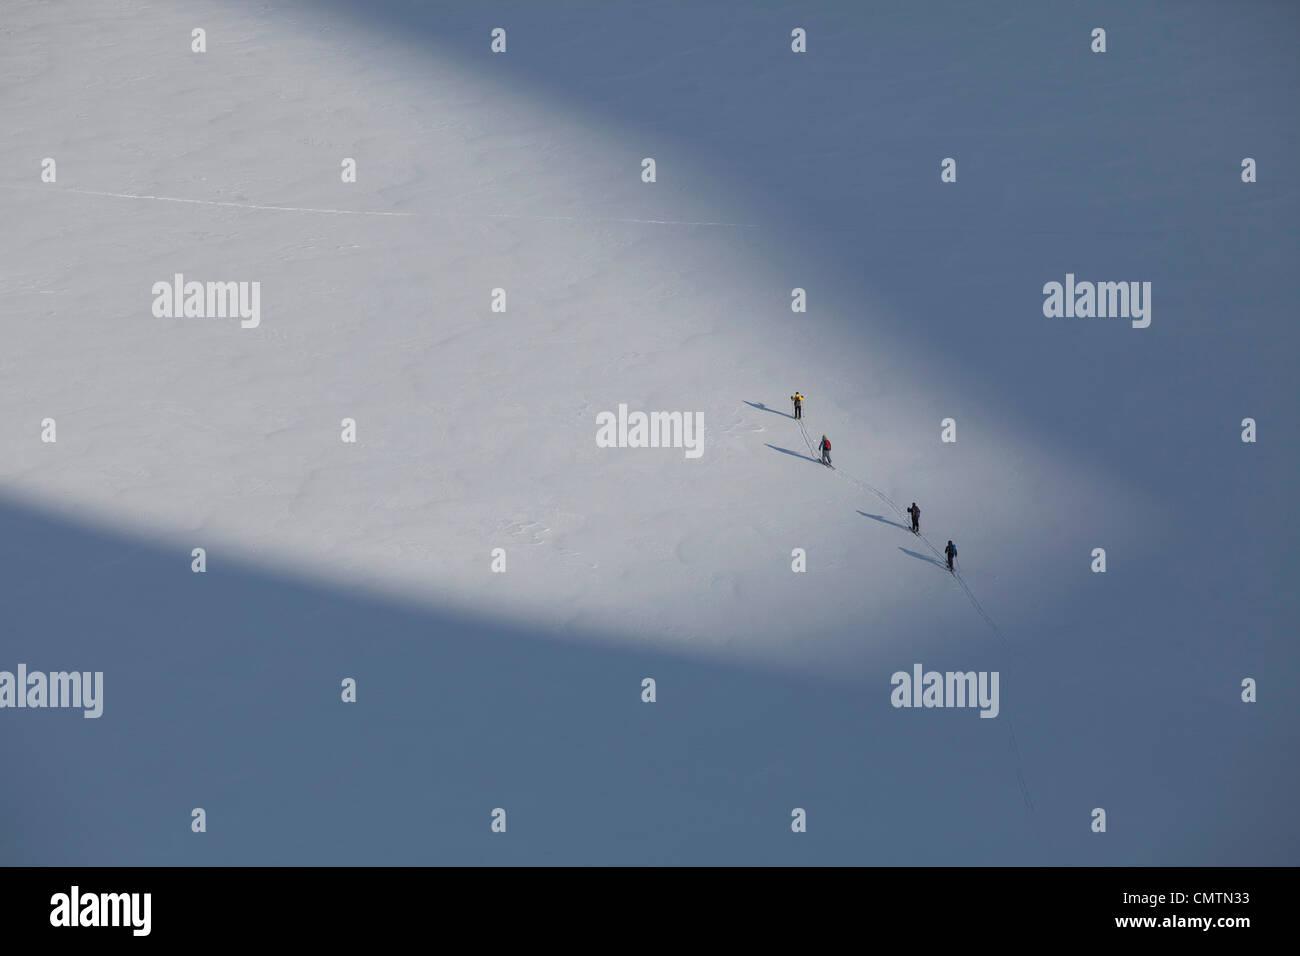 Four people on ski tour - Stock Image